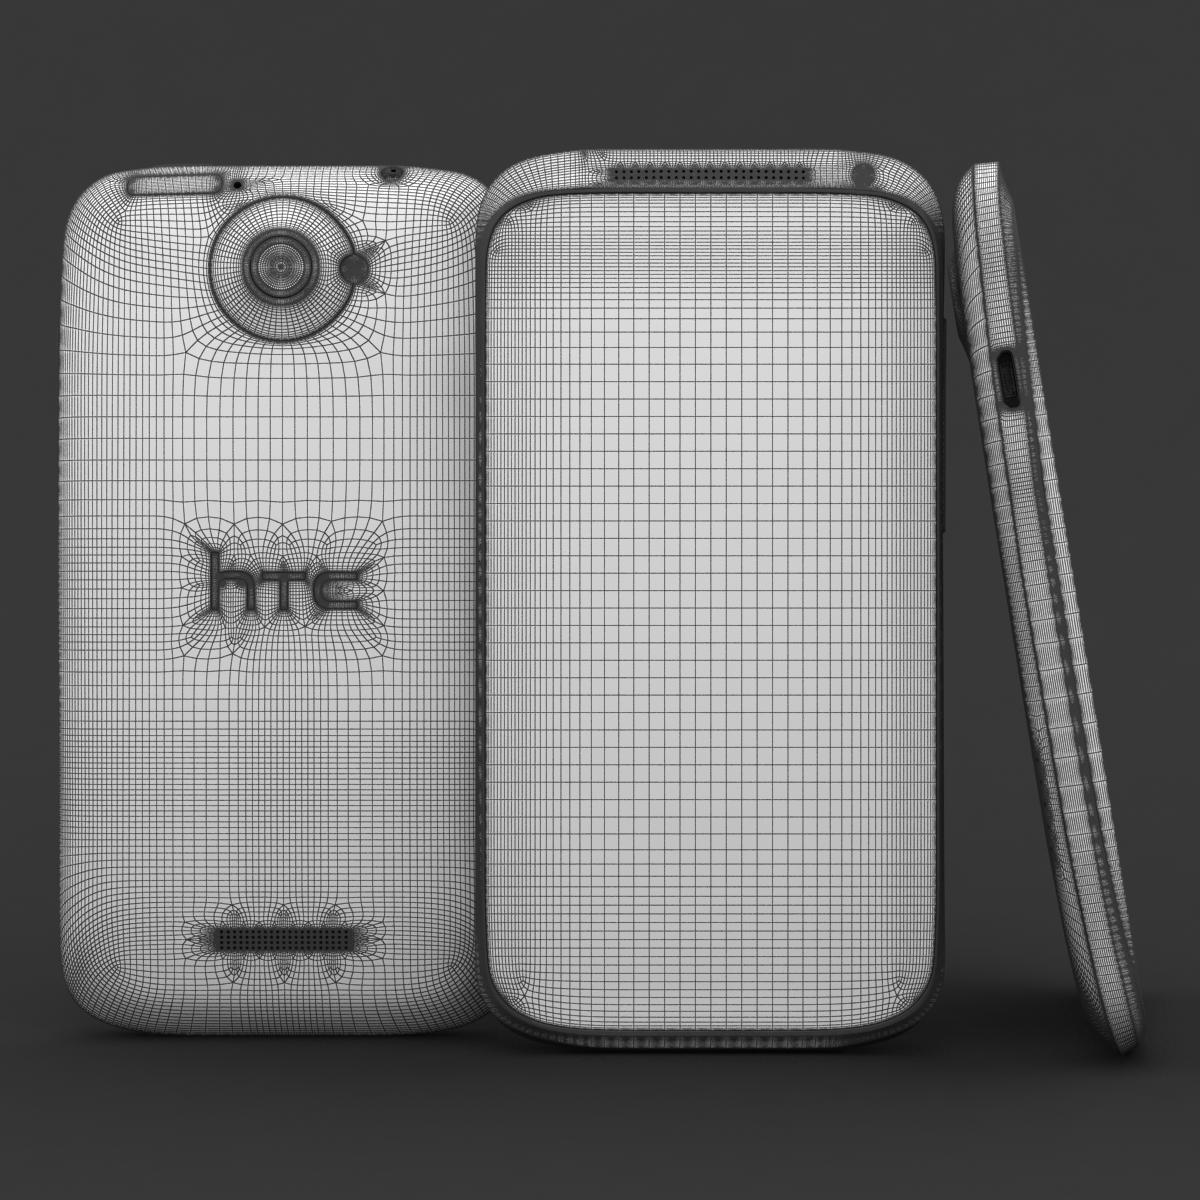 htc viens x + polārs balts 3d modelis 3ds max fbx c4d lwo obj 151419